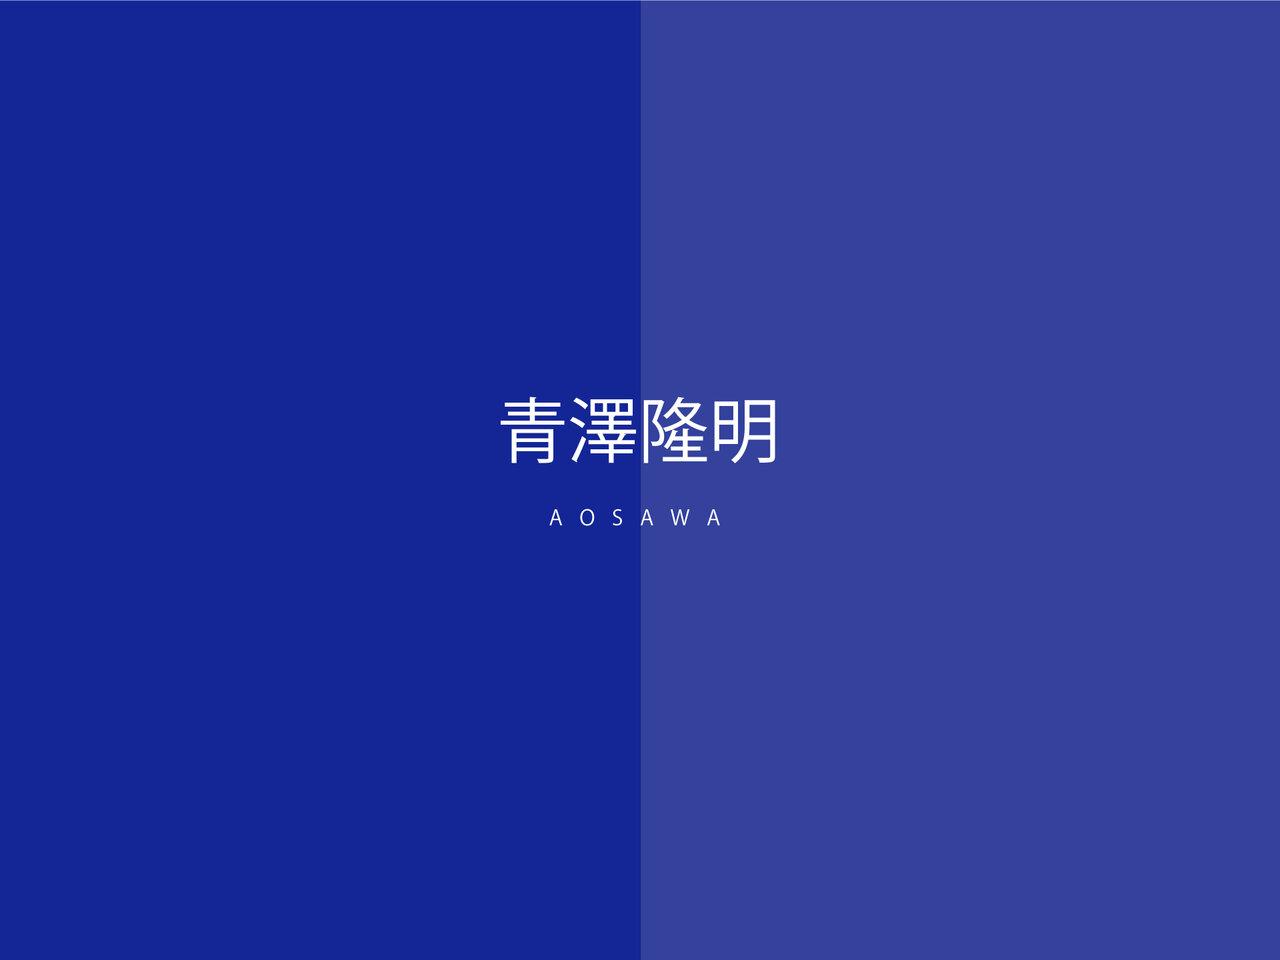 花火 り - パーヴォ・ヤルヴィ&N響のストラヴィンスキー(青澤隆明)